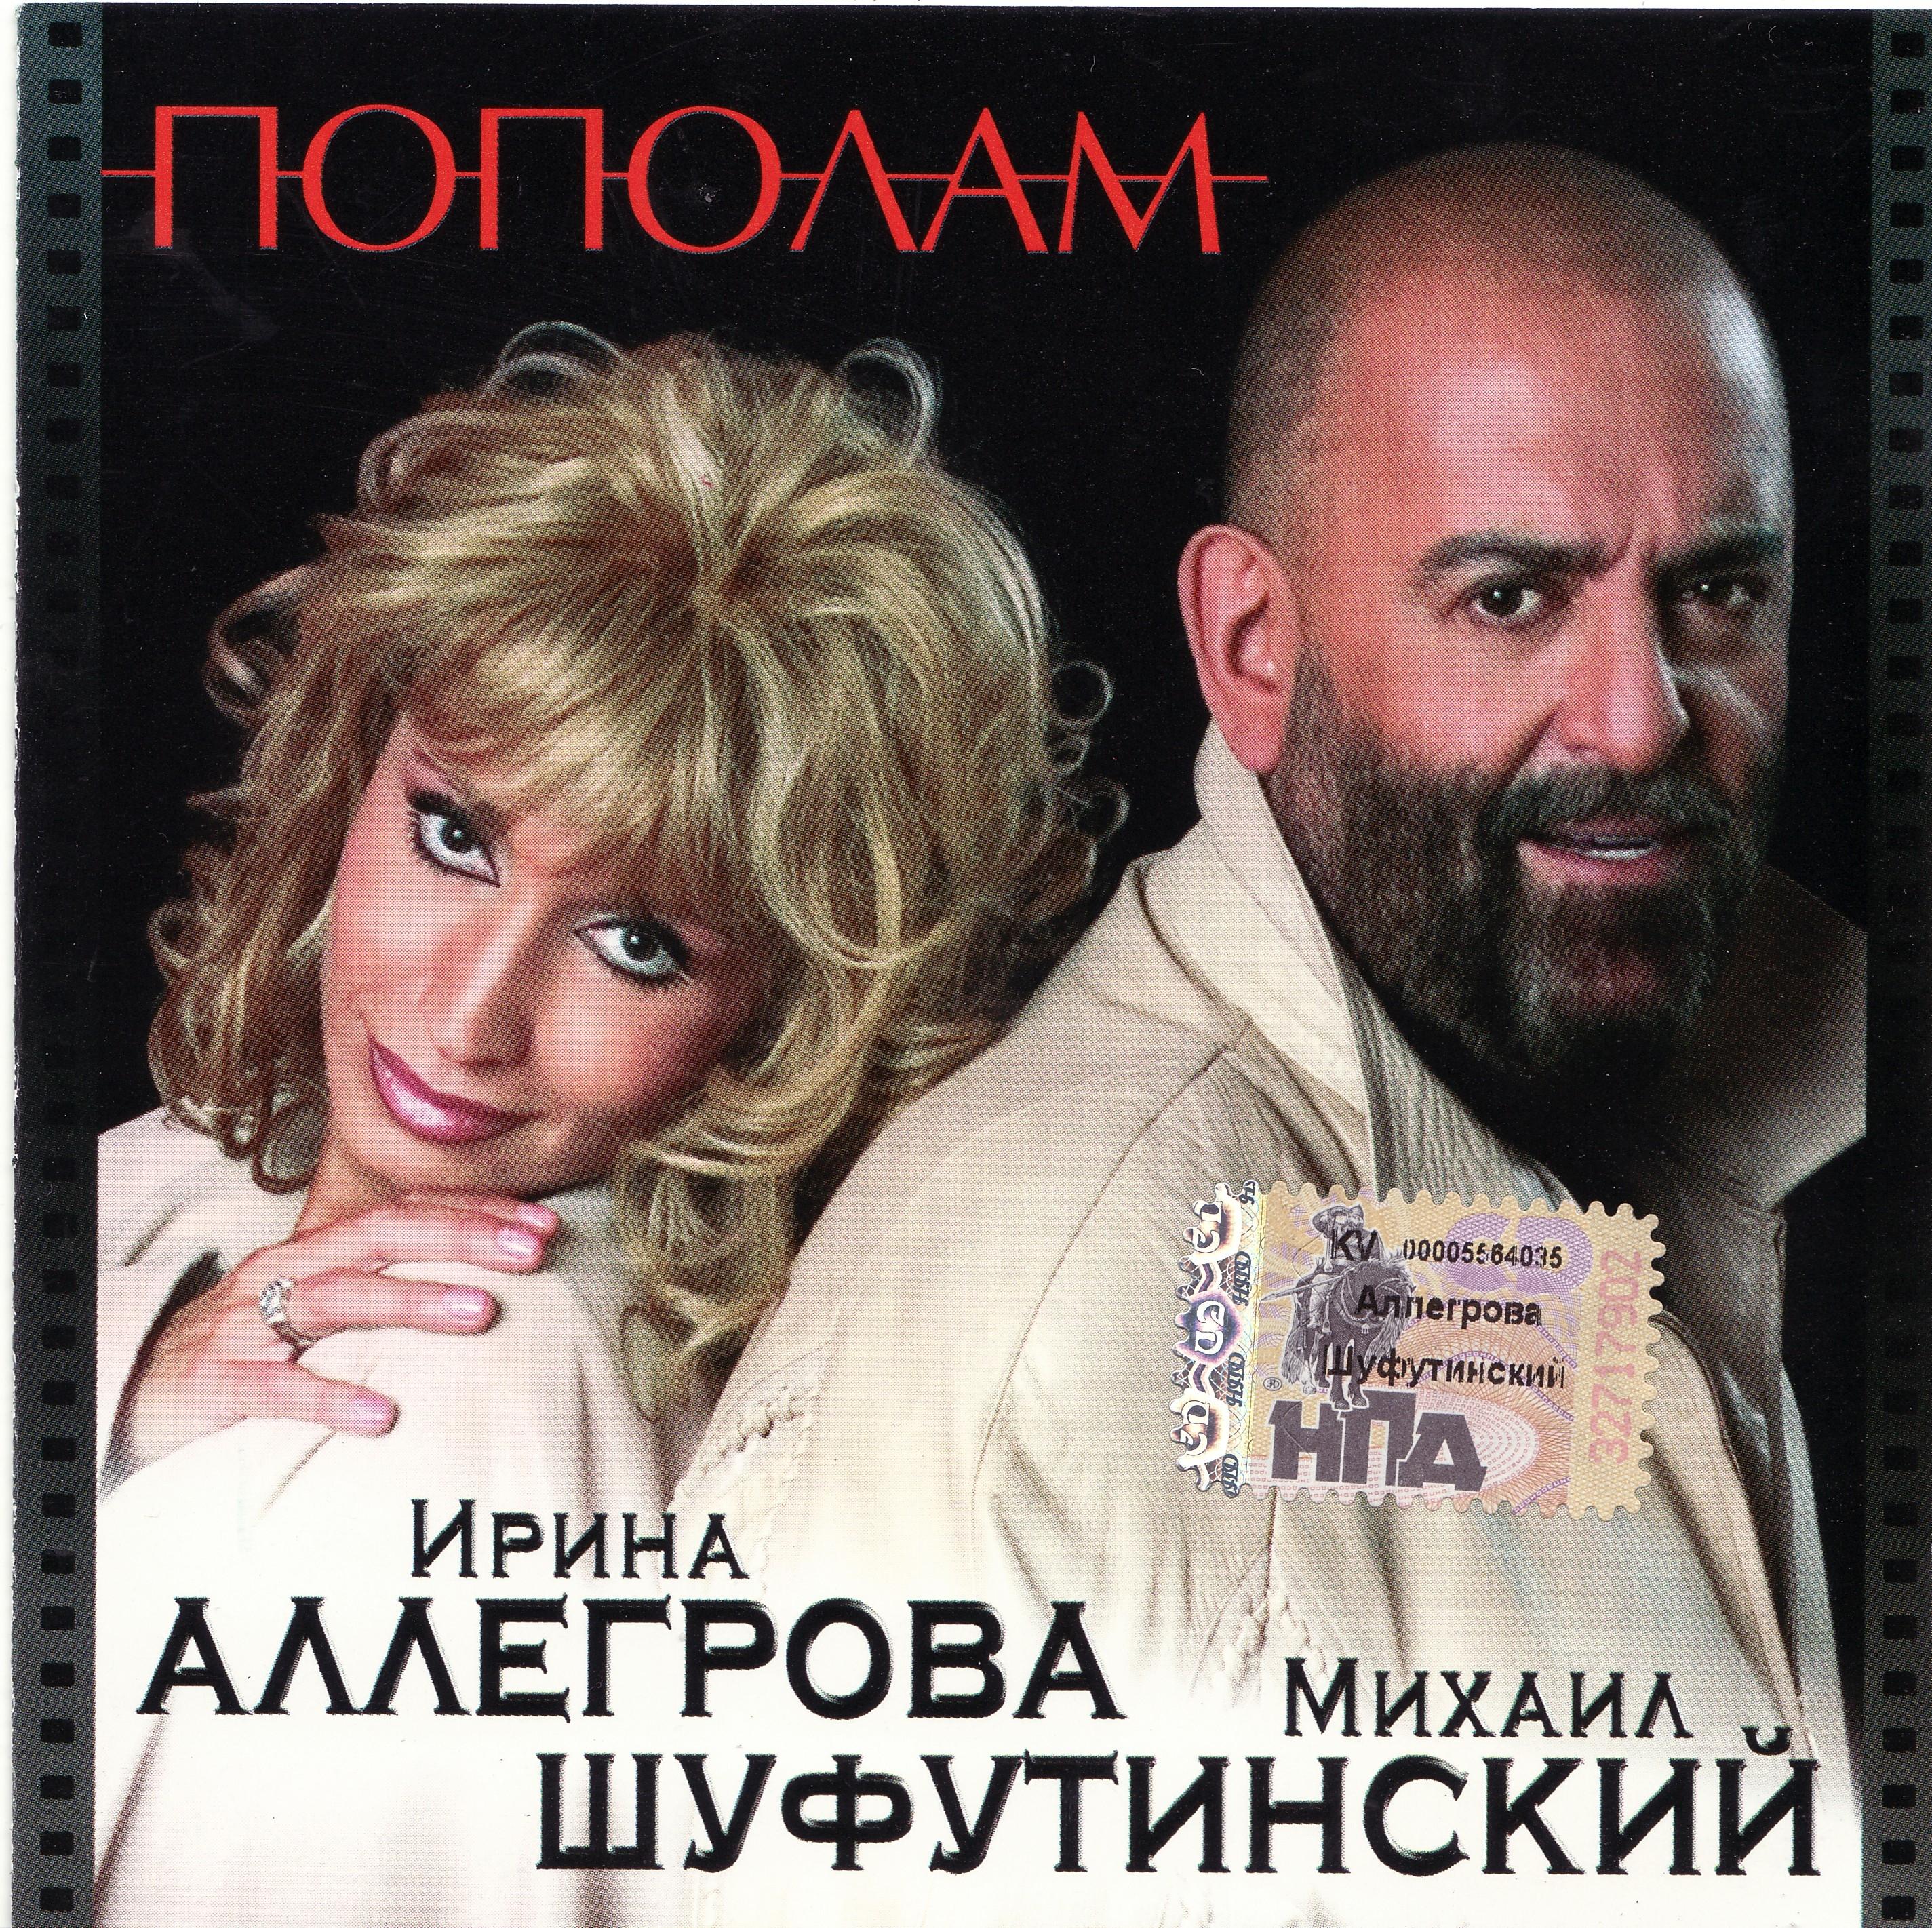 Михаил шуфутинский mp3 коллекция скачать